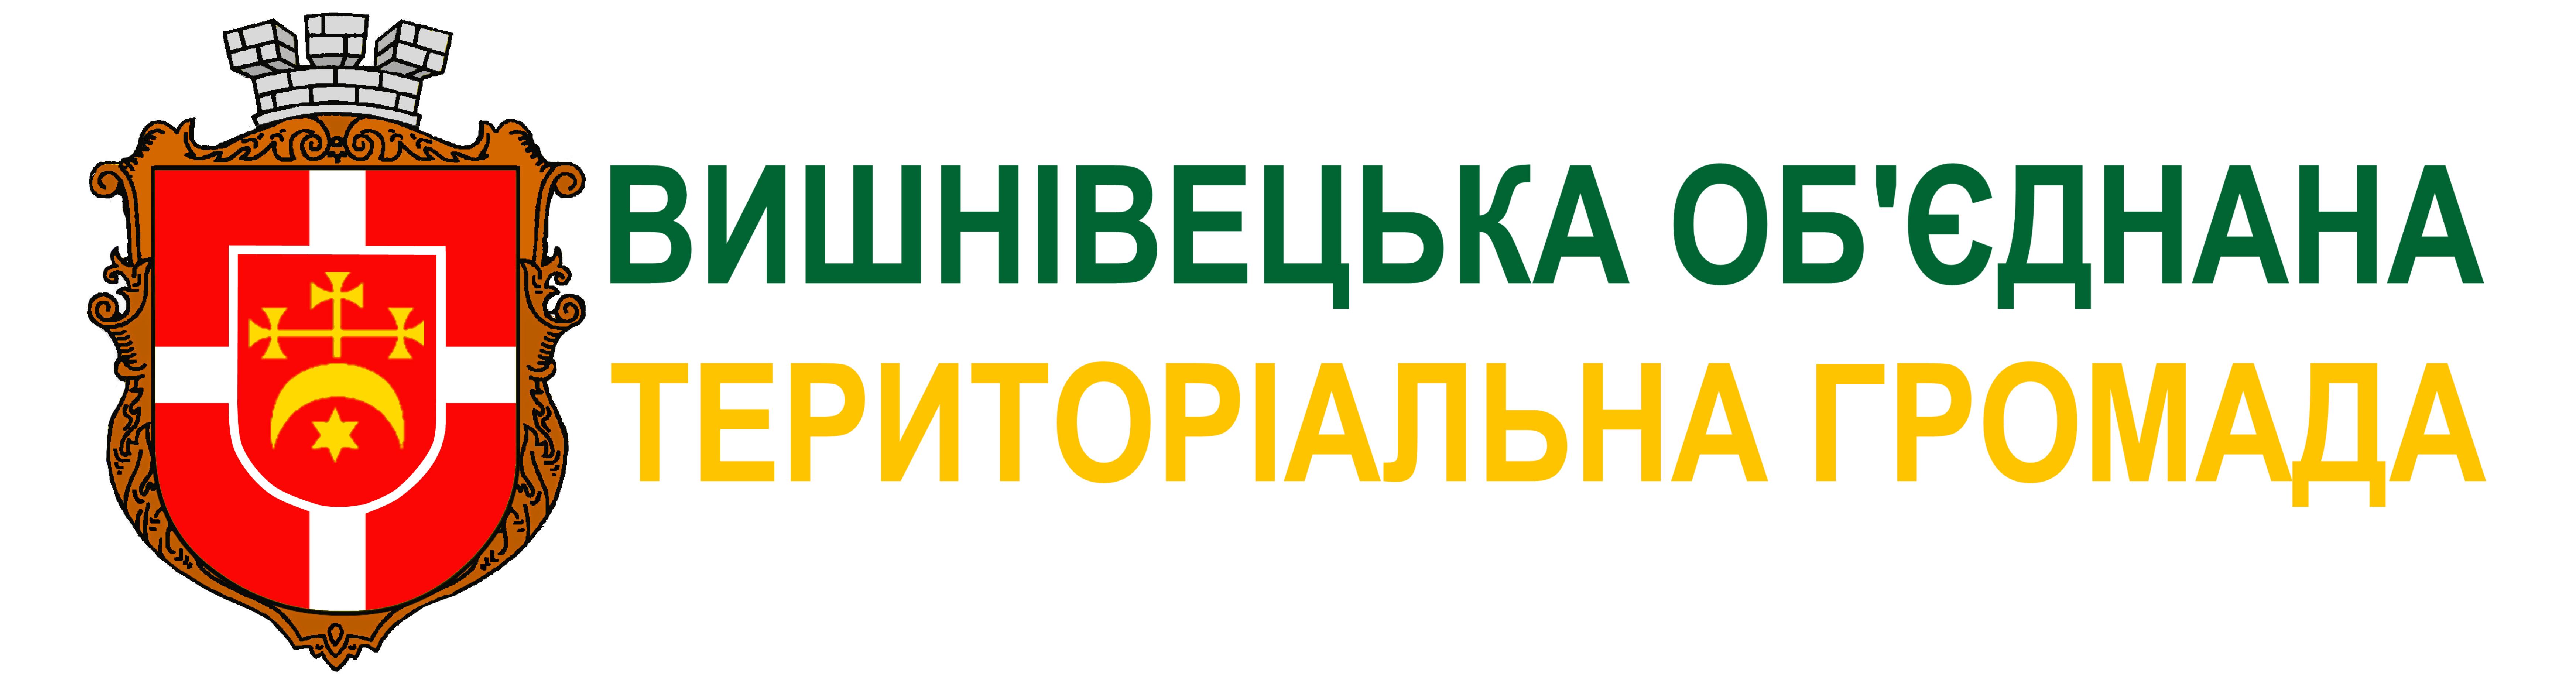 логотип 1 ВИШН ОТГ